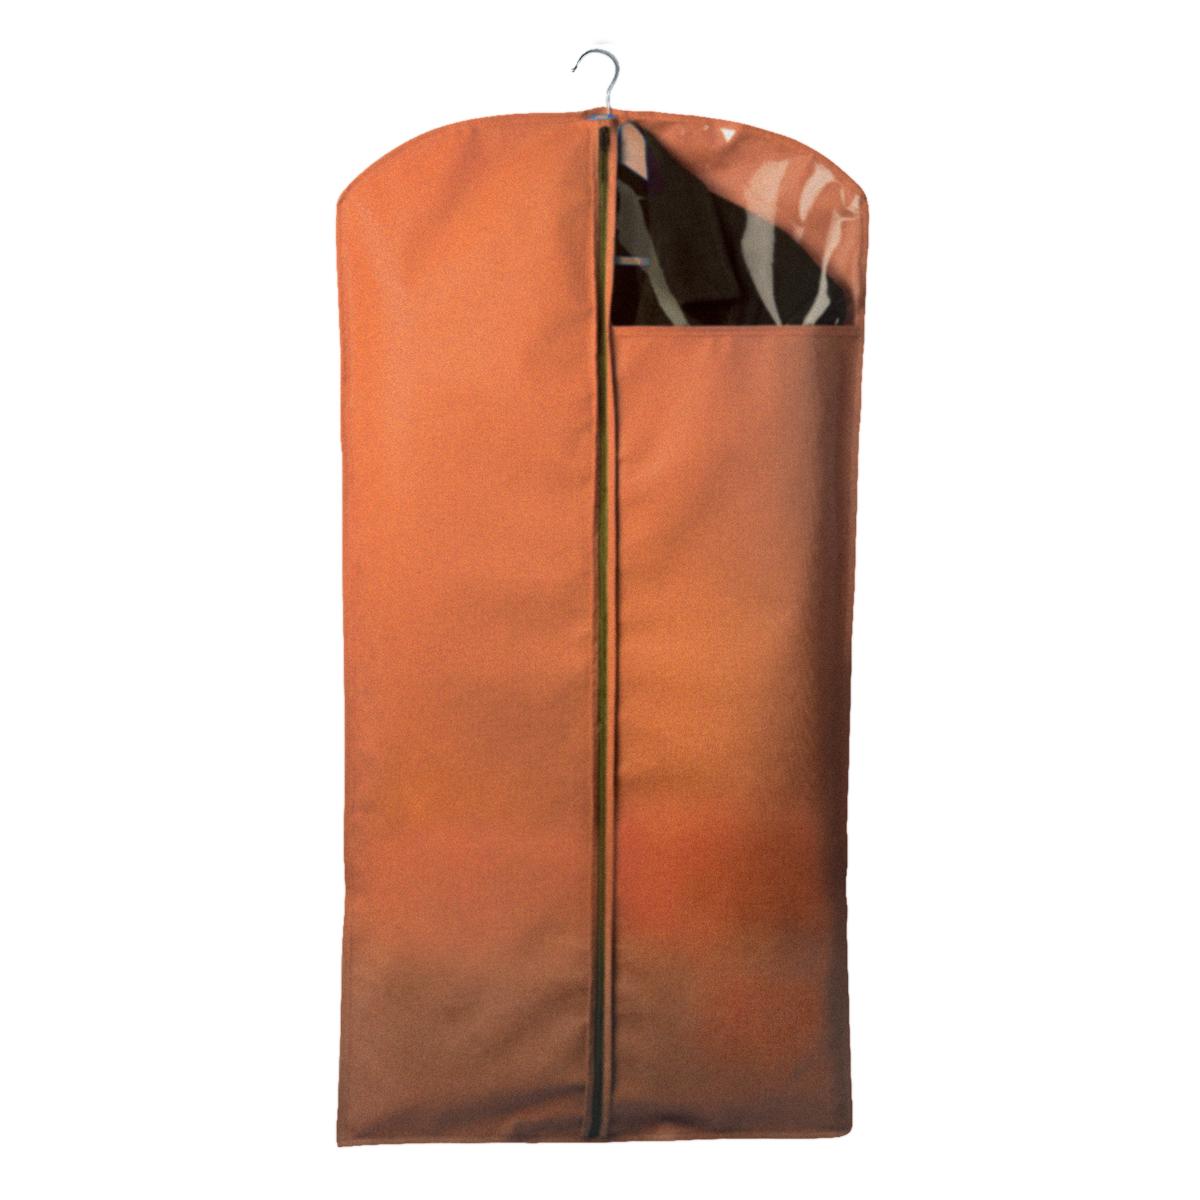 Чехол для одежды Miolla, с окошком, цвет: оранжевый, 120 х 60 смCHL-2-6Чехол для костюмов и платьев Miolla на застежке-молнии выполнен из высококачественного нетканого материала. Прозрачное полиэтиленовое окошко позволяет видеть содержимое чехла. Подходит для длительного хранения вещей. Чехол обеспечивает вашей одежде надежную защиту от влажности, повреждений и грязи при транспортировке, от запыления при хранении и проникновения моли. Чехол обладает водоотталкивающими свойствами, а также позволяет воздуху свободно поступать внутрь вещей, обеспечивая их кондиционирование. Размер чехла: 120 х 60 см.